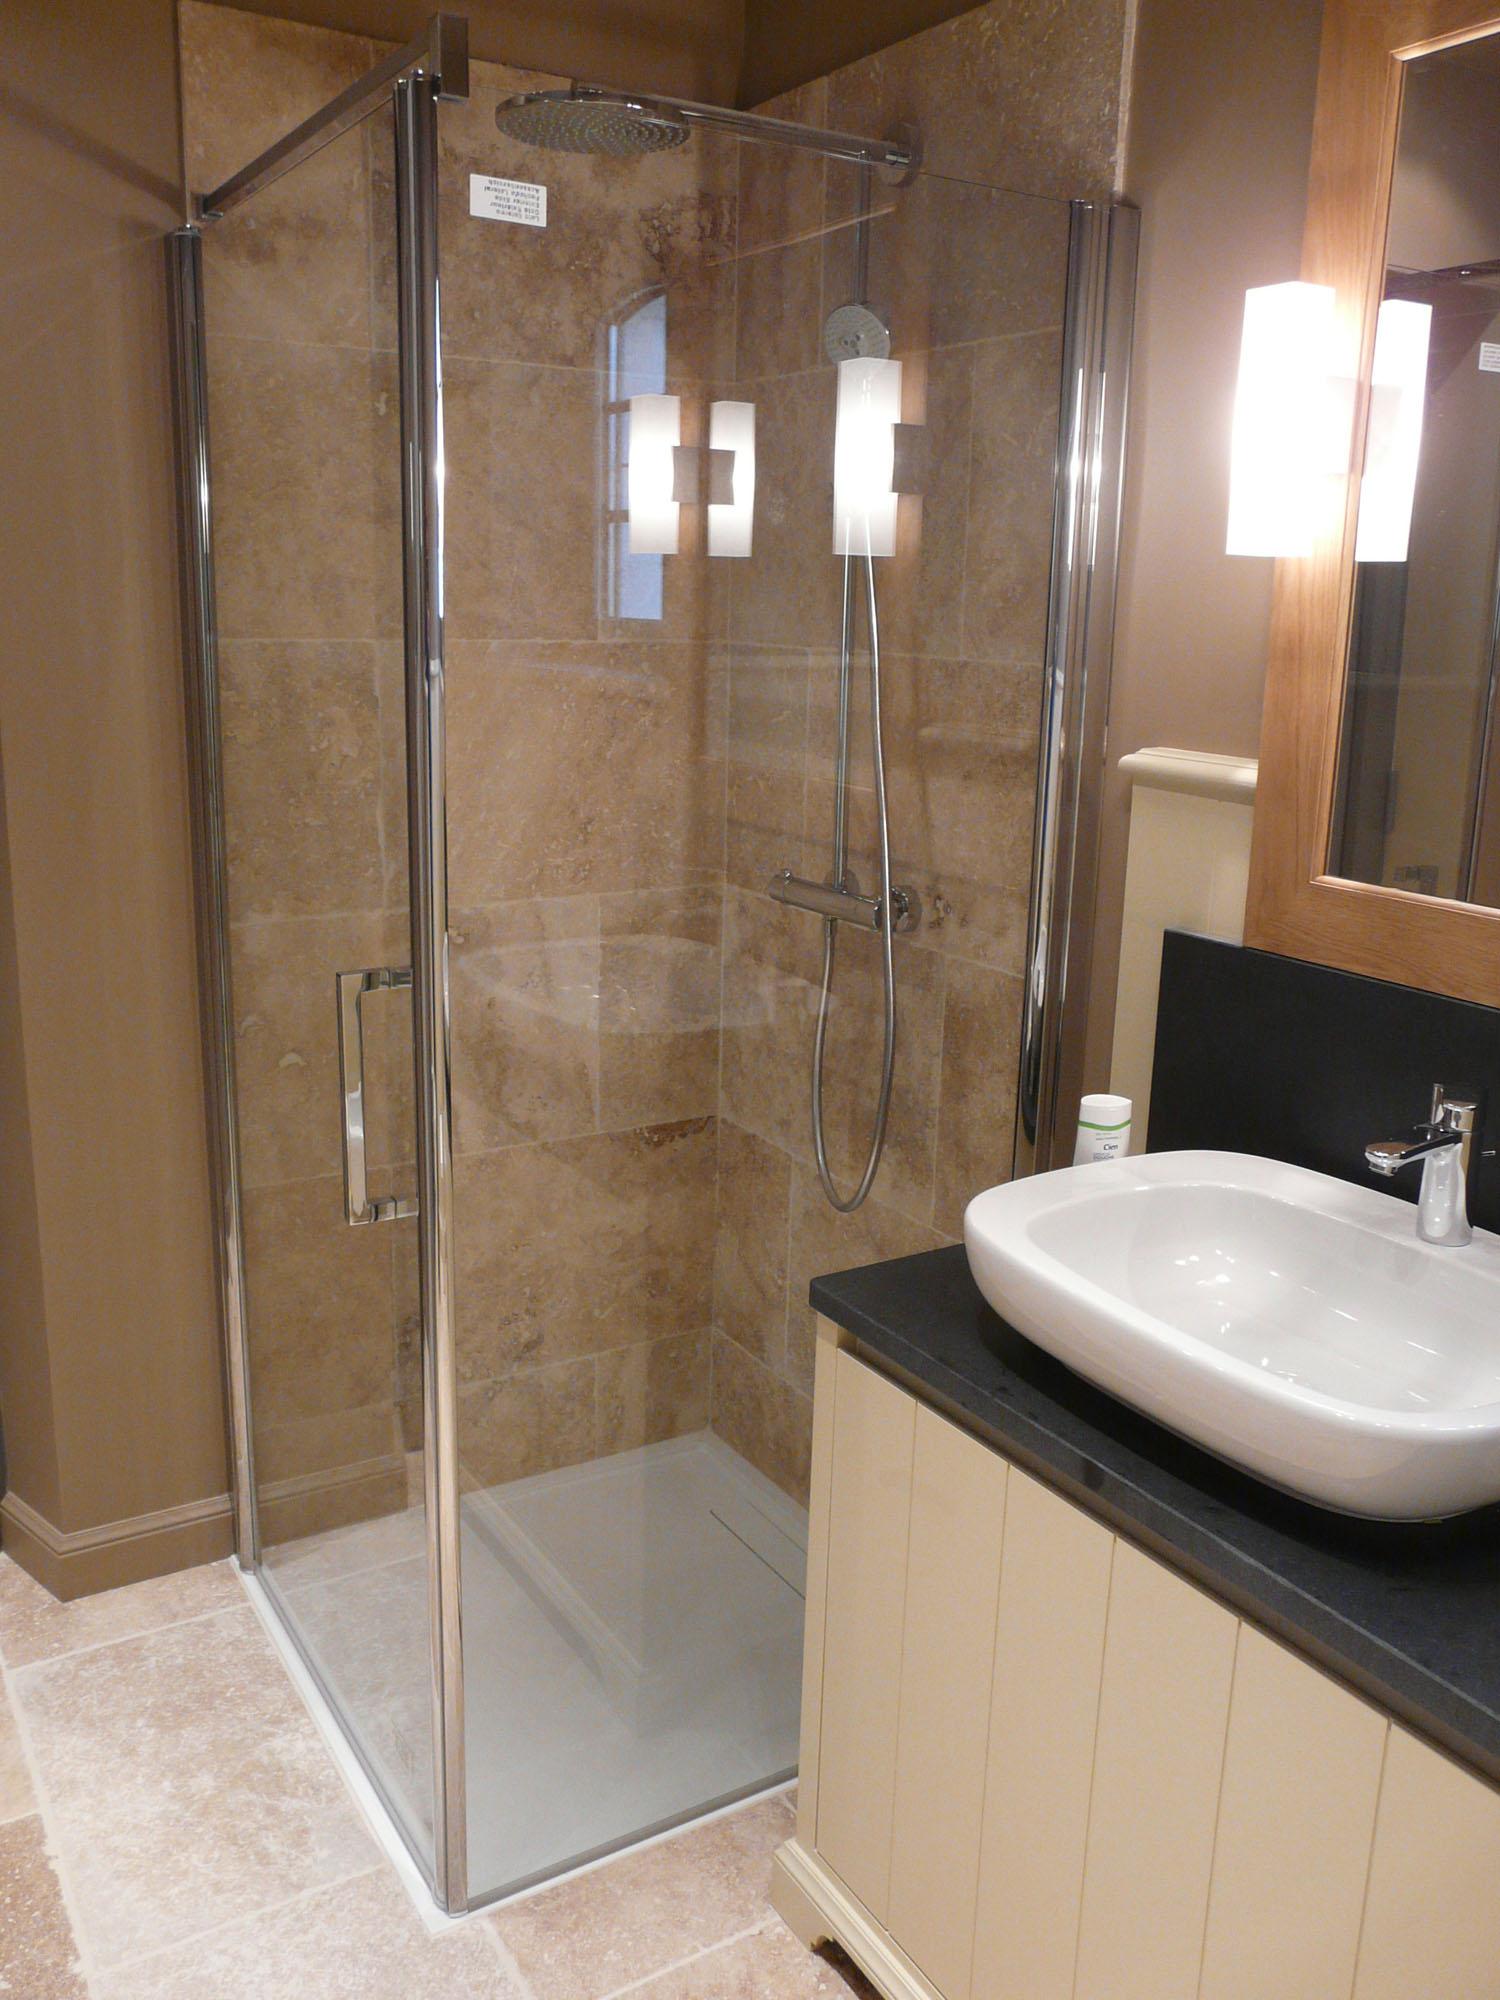 Plan De Toilette Salle De Bain vasques, receveurs de douche, rev�tement mural, plans de